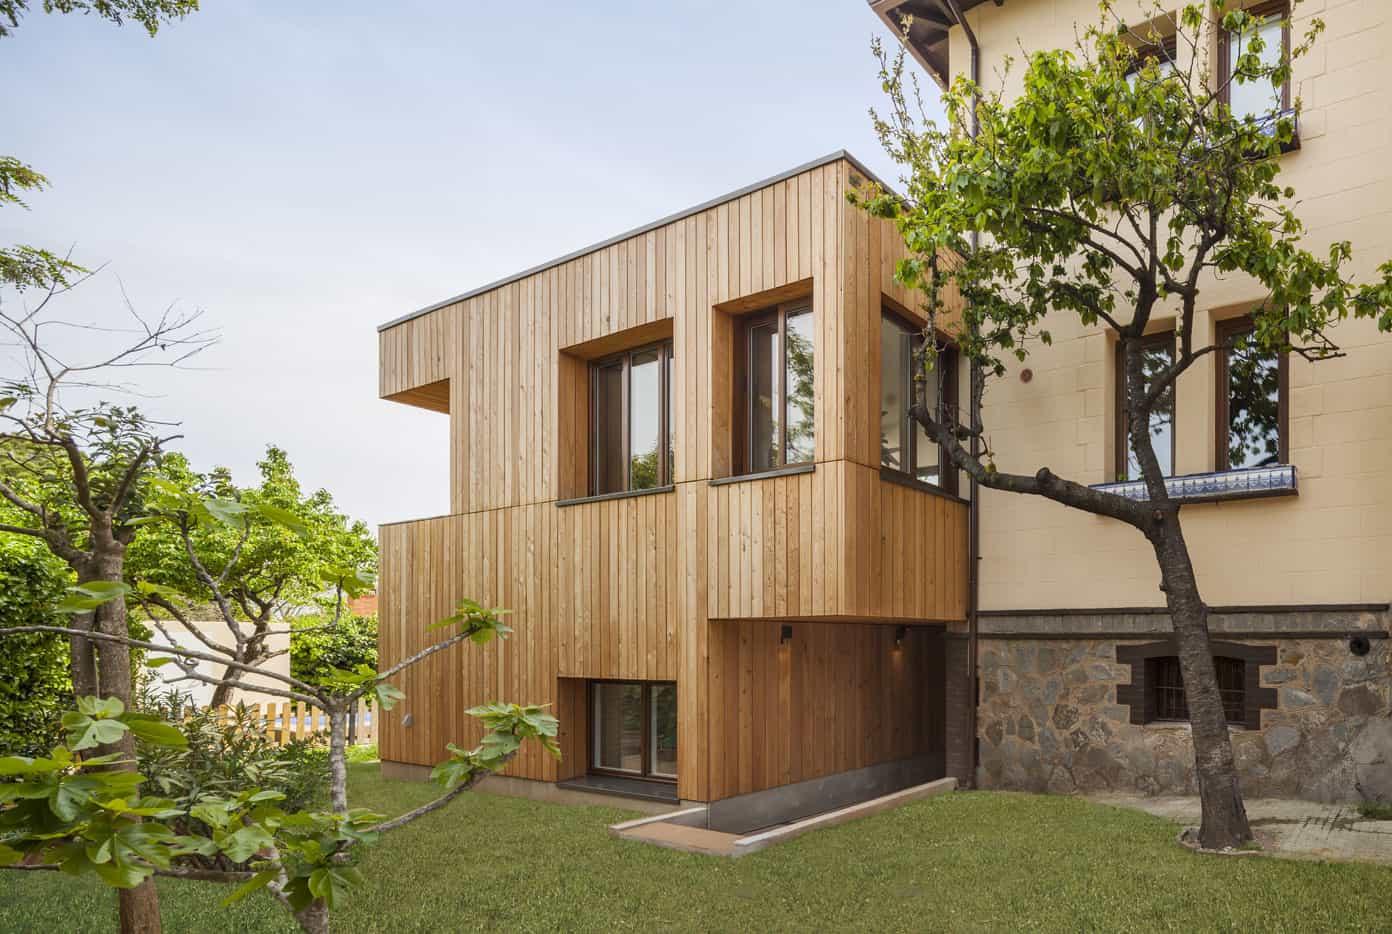 estructura casa passiva ecológica passivhaus catalunya